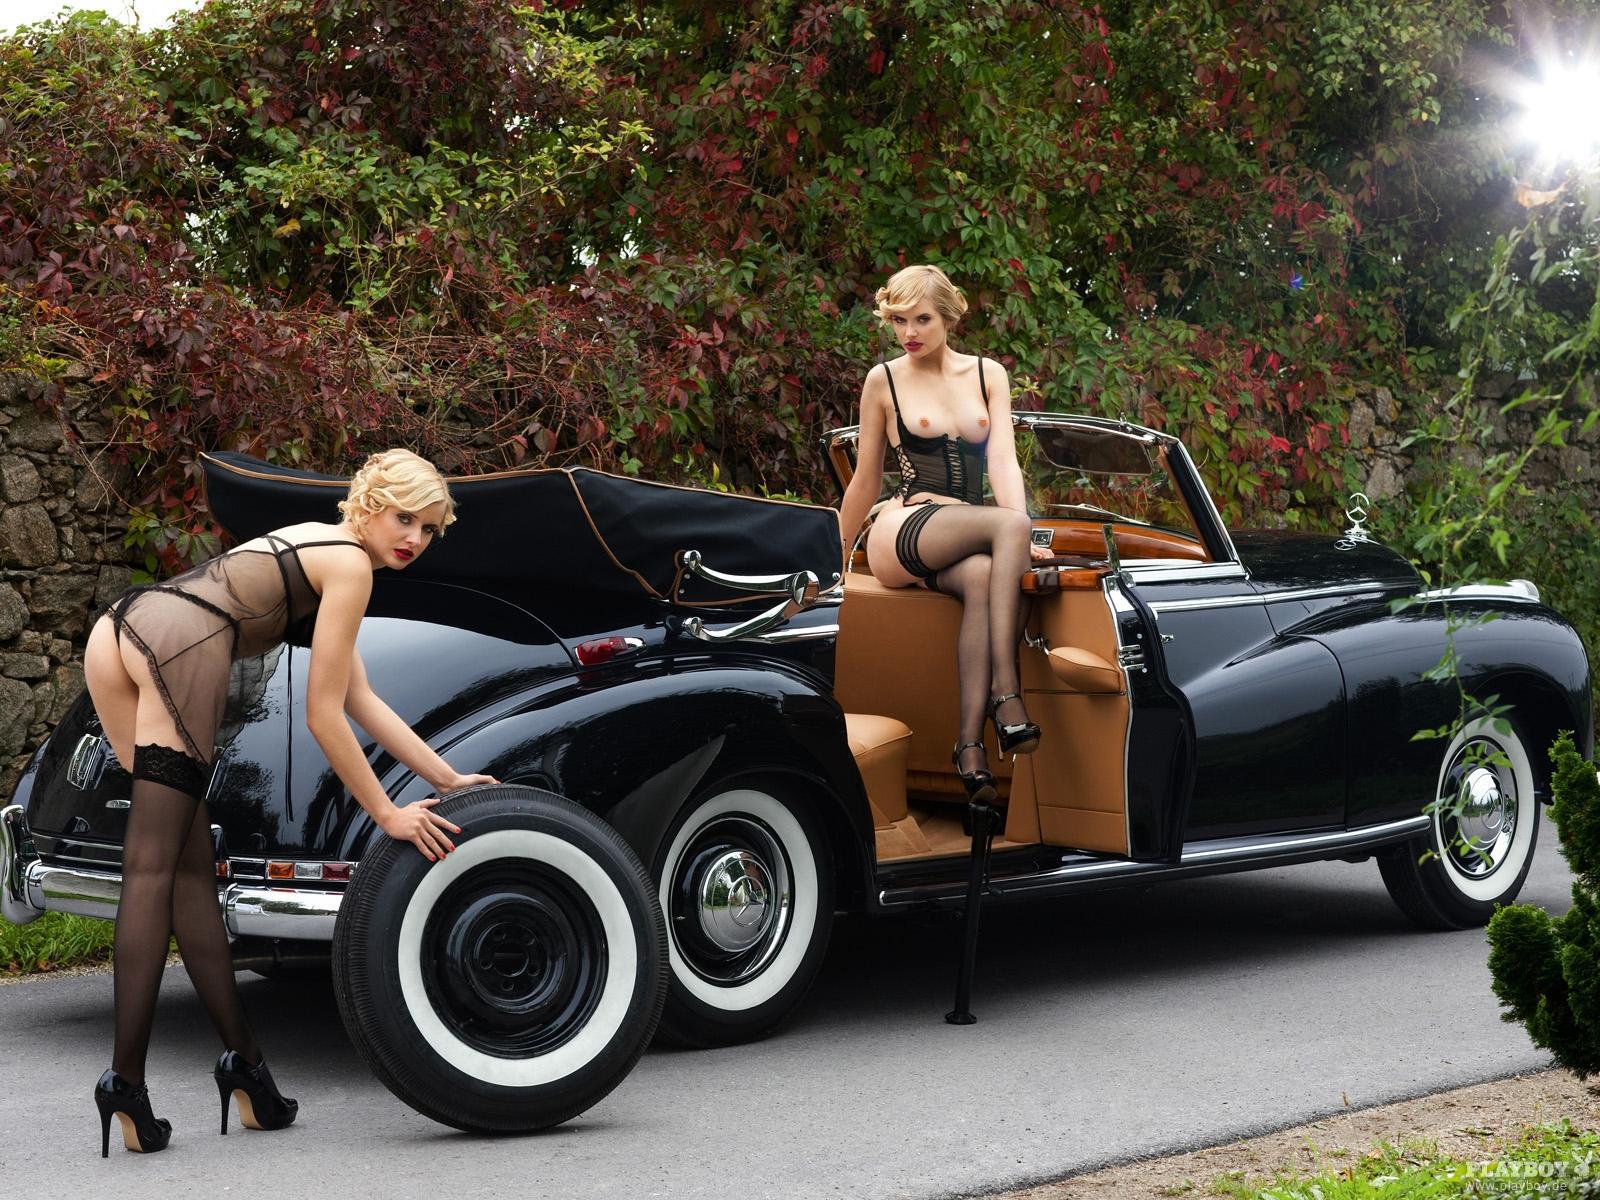 eroticheskie-devki-s-avtomobilyami